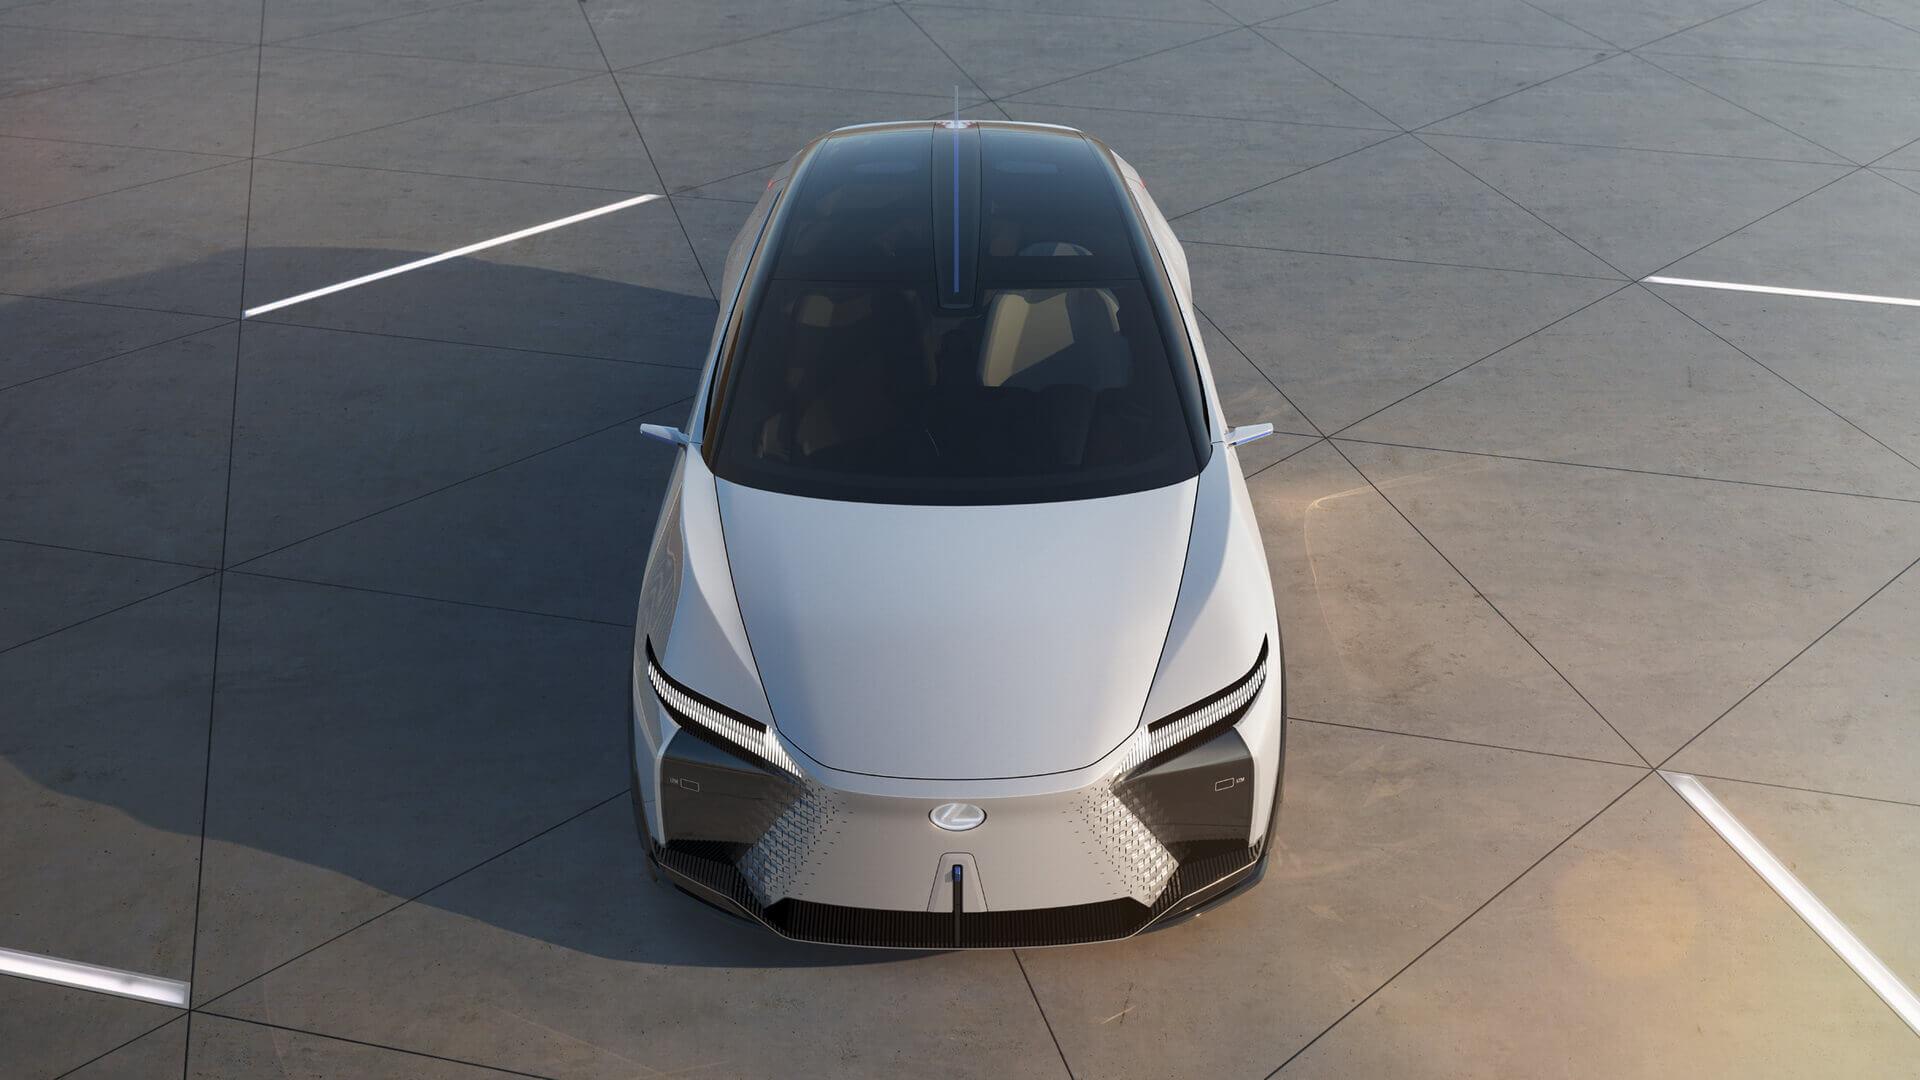 Концепт Lexus LF-Z Electrified представляет будущее дизайна, технологий ипроизводительности бренда